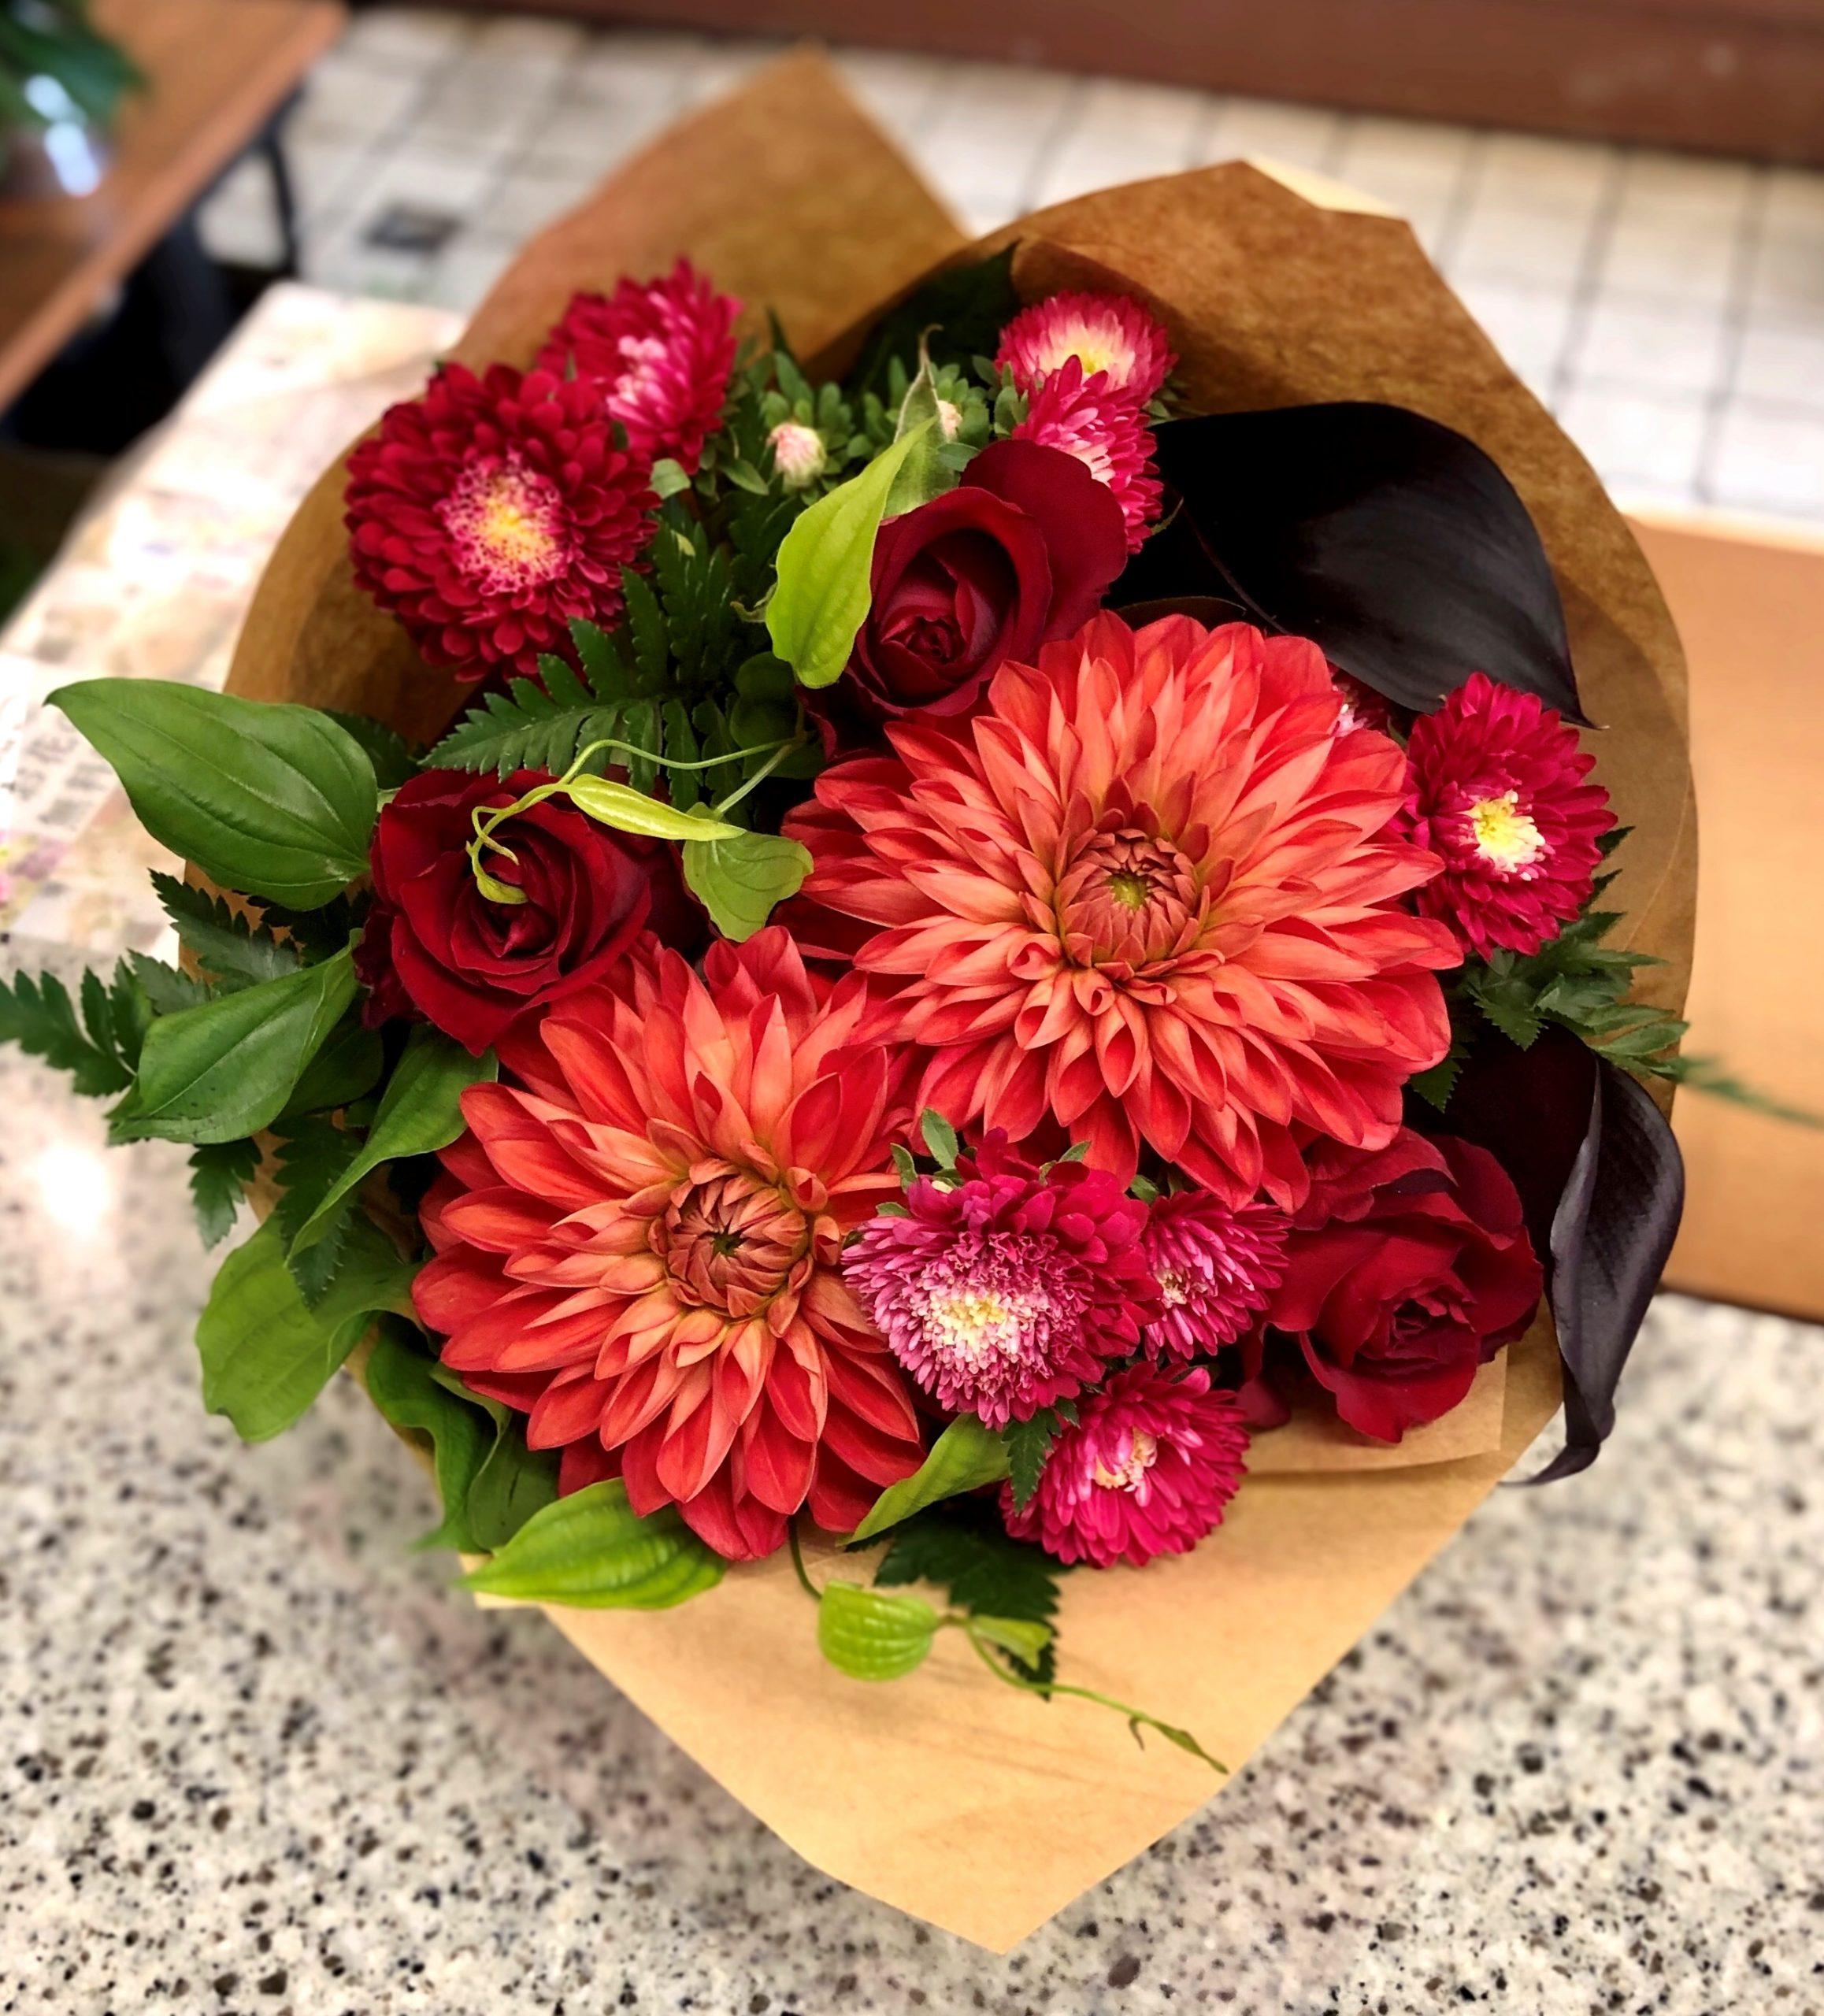 横浜市花咲町へ花束を即日当日配達させていただきました。【横浜花屋の花束・スタンド花・胡蝶蘭・バルーン・アレンジメント配達事例678】